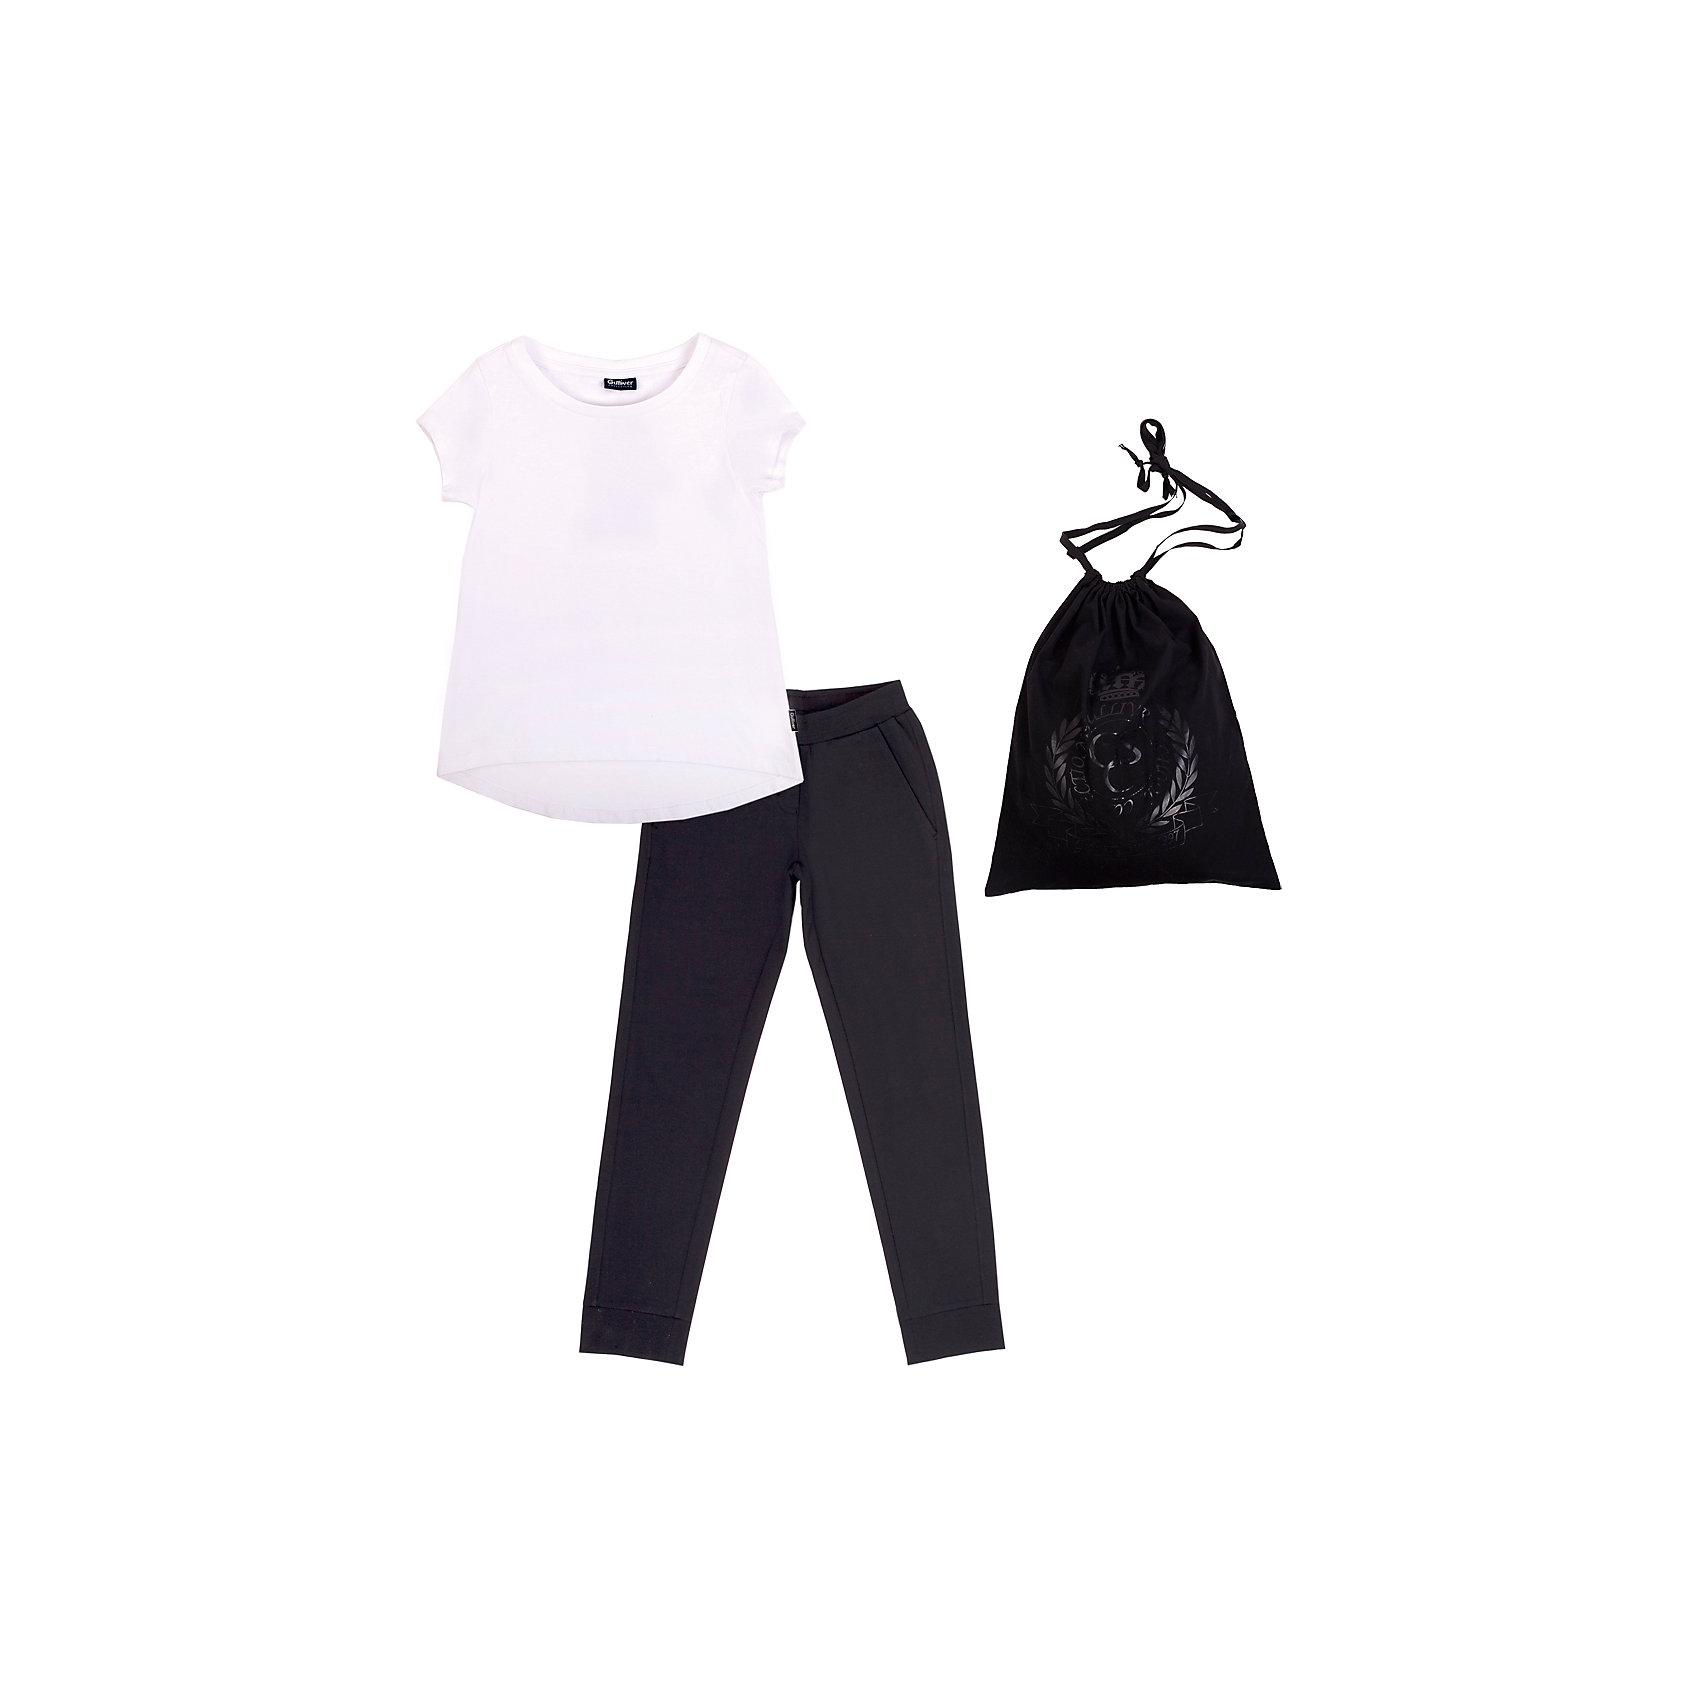 Комплект: футболка и брюки для девочки GulliverСпортивная форма<br>Комплект: футболка и брюки для девочки от российской марки Gulliver.<br>Белый верх, черный низ - готовое решение для занятий физкультурой и спортом. Прекрасно сидит, элегантно выглядит и, главное, соответствует требованиям школы! Великолепное хлопчатобумажное трикотажное полотно с небольшим содержанием эластана красиво облегает фигуру, не сковывая движений. Удобная фирменная упаковка с мерцающим полимерным принтом черного цвета не позволит затеряться футболке и брюкам  в школьной раздевалке. Также, этот комплект может служить отличным оригинальным подарком ученику к новому учебному году.<br>Состав:<br>Футболка: 95% хлопок 5% эластан           Брюки: 60% хлопок, 35% полиэстер,             5% эластан Мешочек: 100% хлопок<br><br>Ширина мм: 199<br>Глубина мм: 10<br>Высота мм: 161<br>Вес г: 151<br>Цвет: черный/белый<br>Возраст от месяцев: 120<br>Возраст до месяцев: 132<br>Пол: Женский<br>Возраст: Детский<br>Размер: 146,122,140,128,134,152,158<br>SKU: 4174873